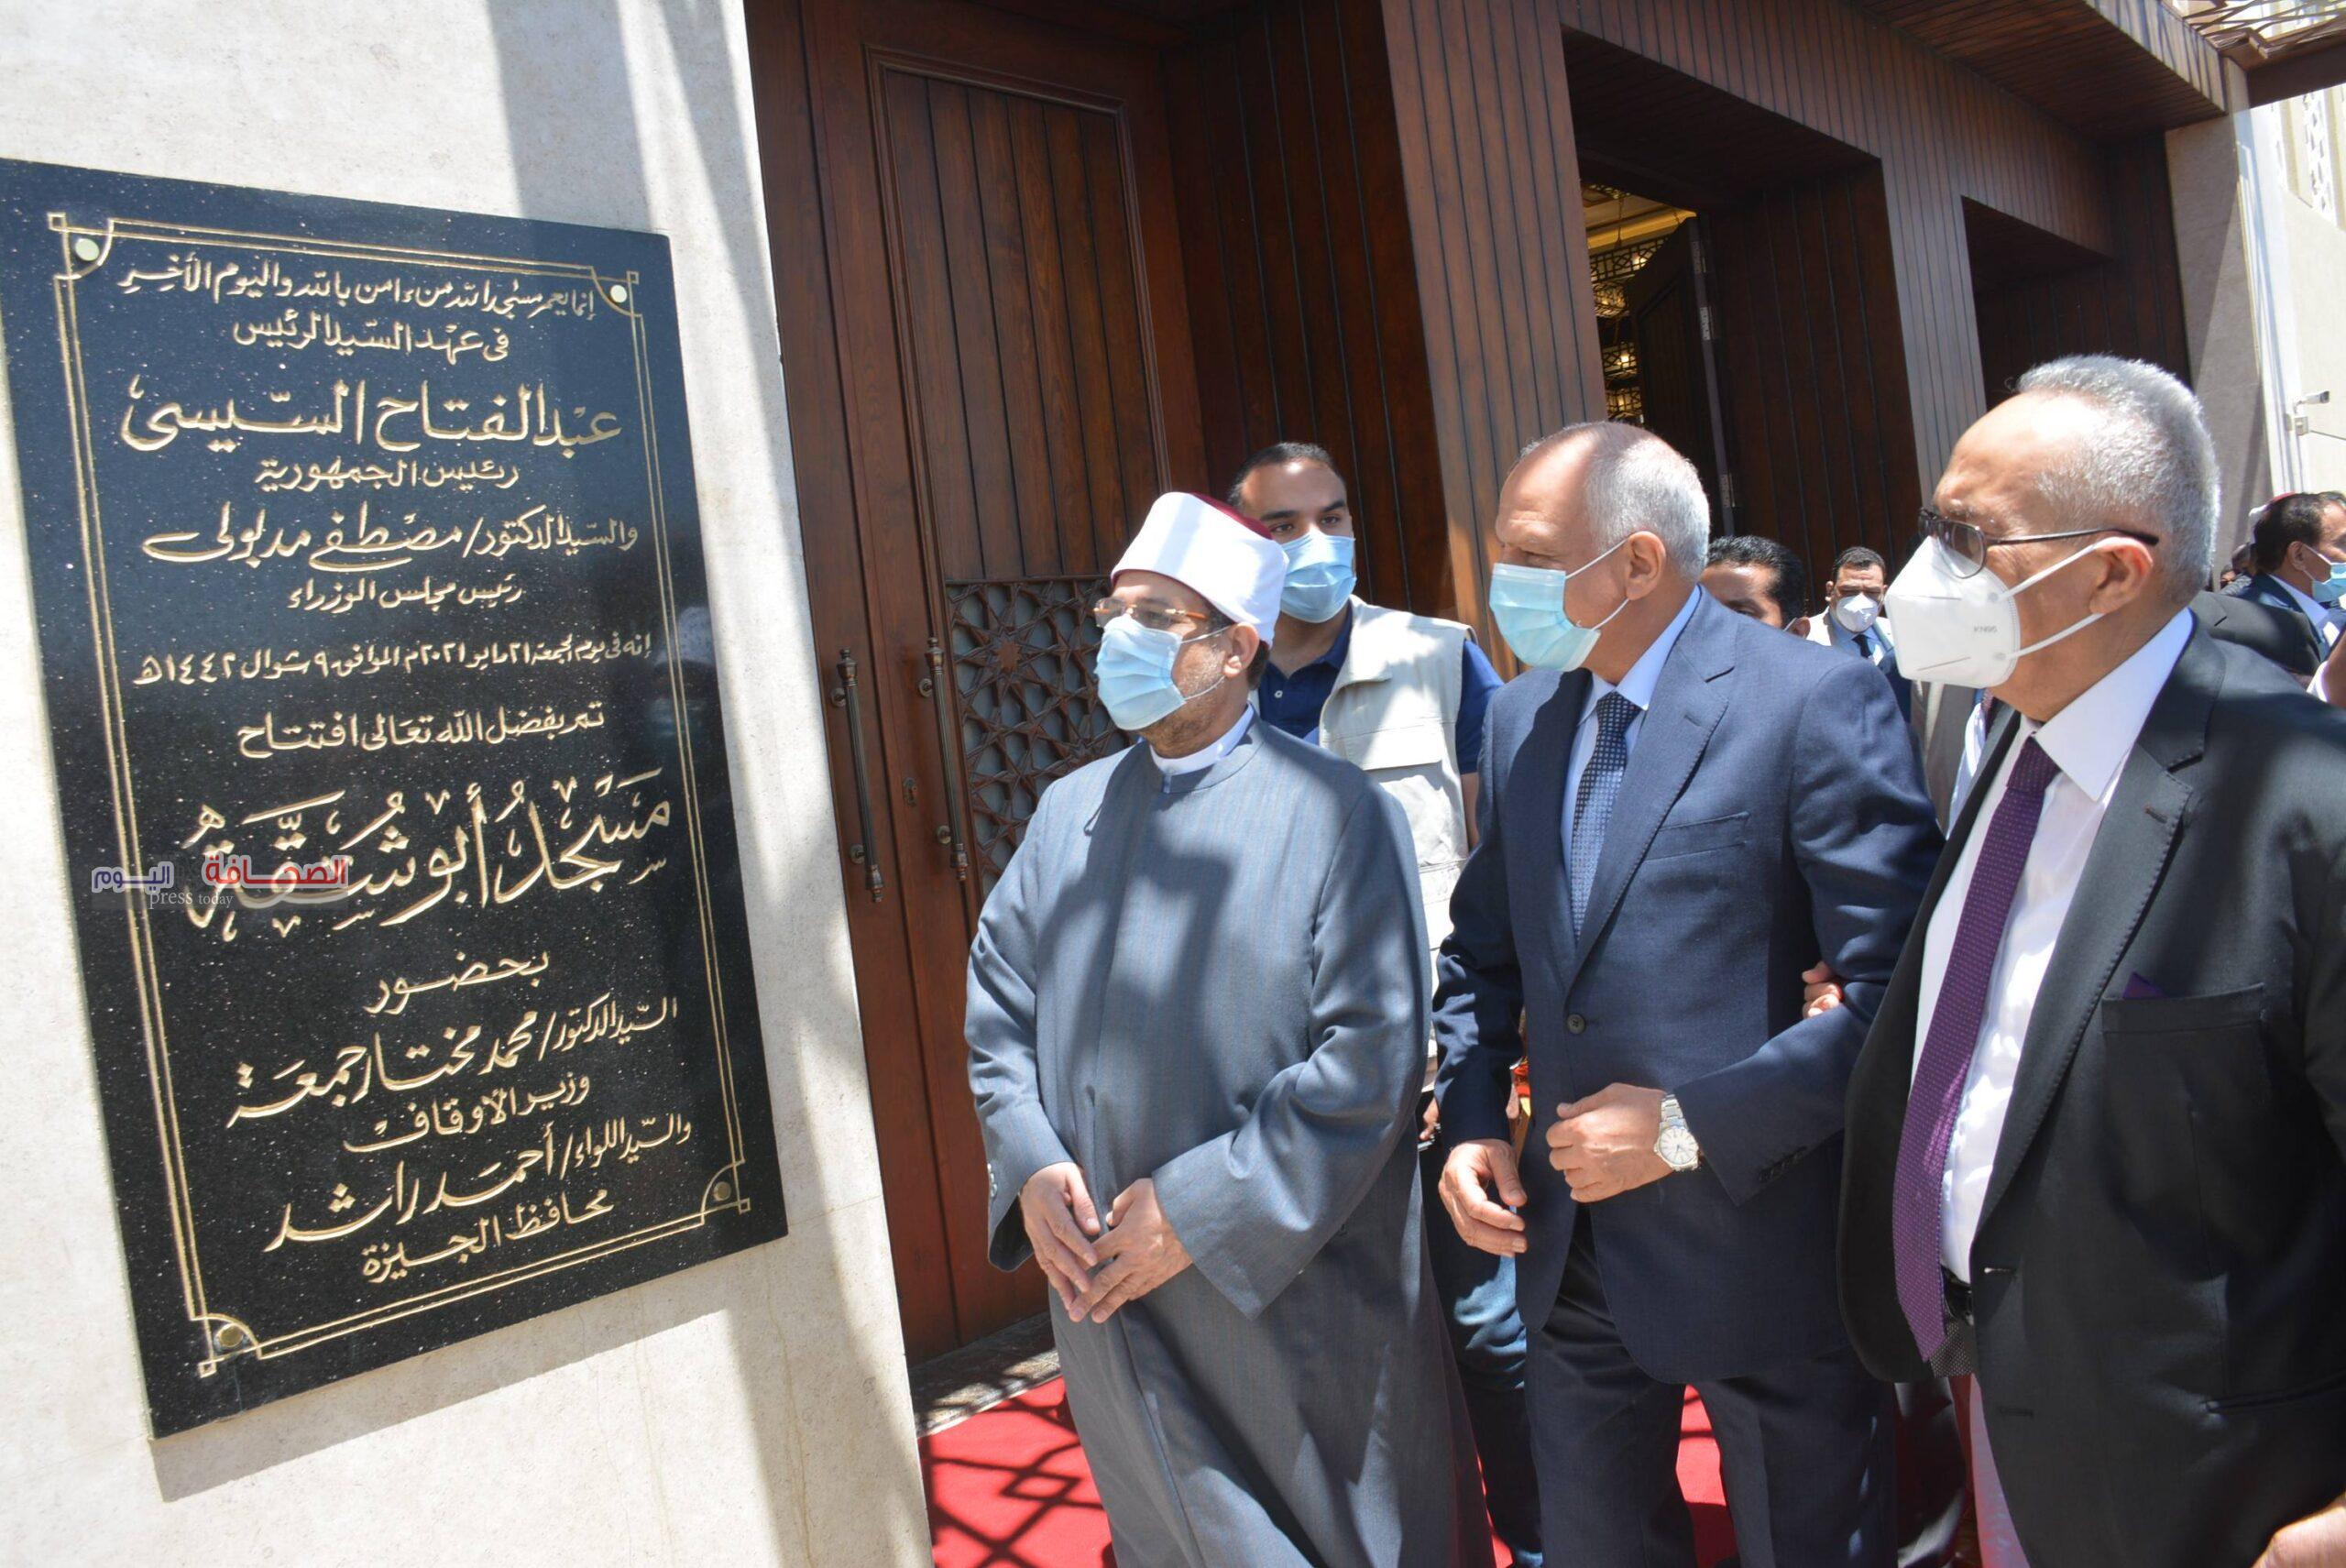 بالصور .. وزير الاوقاف وزراء يفتتح مسجد أبو شقة بمدينة أكتوبر